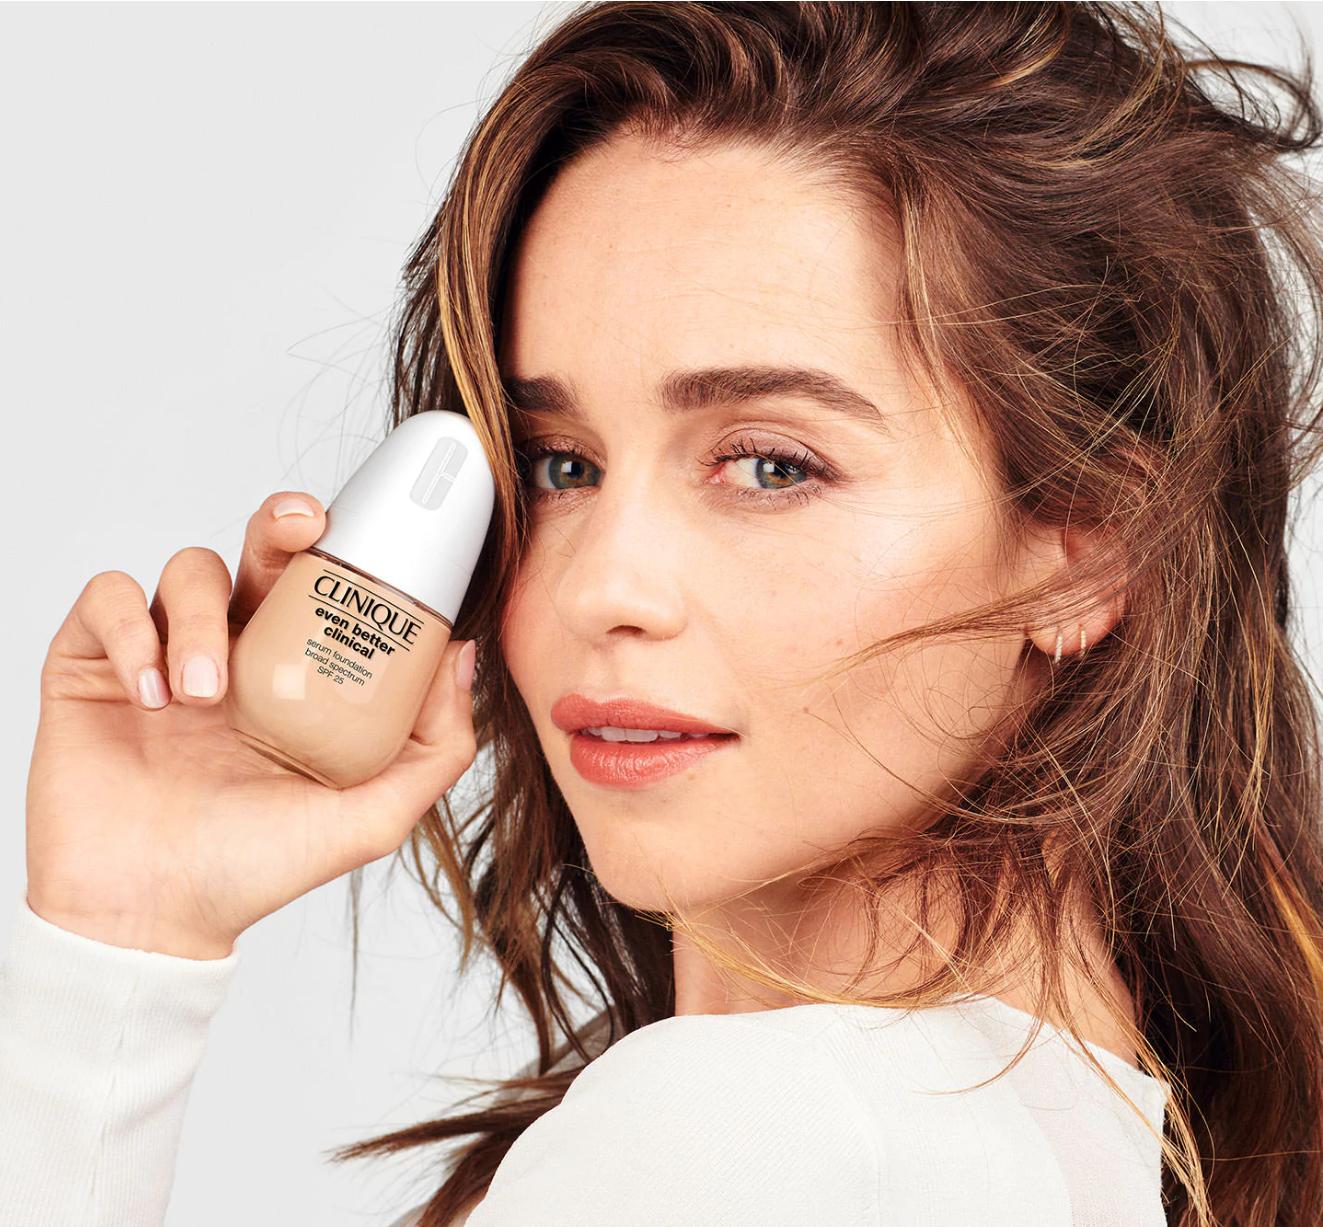 Clinique: 30% off Skincare Serum Sale